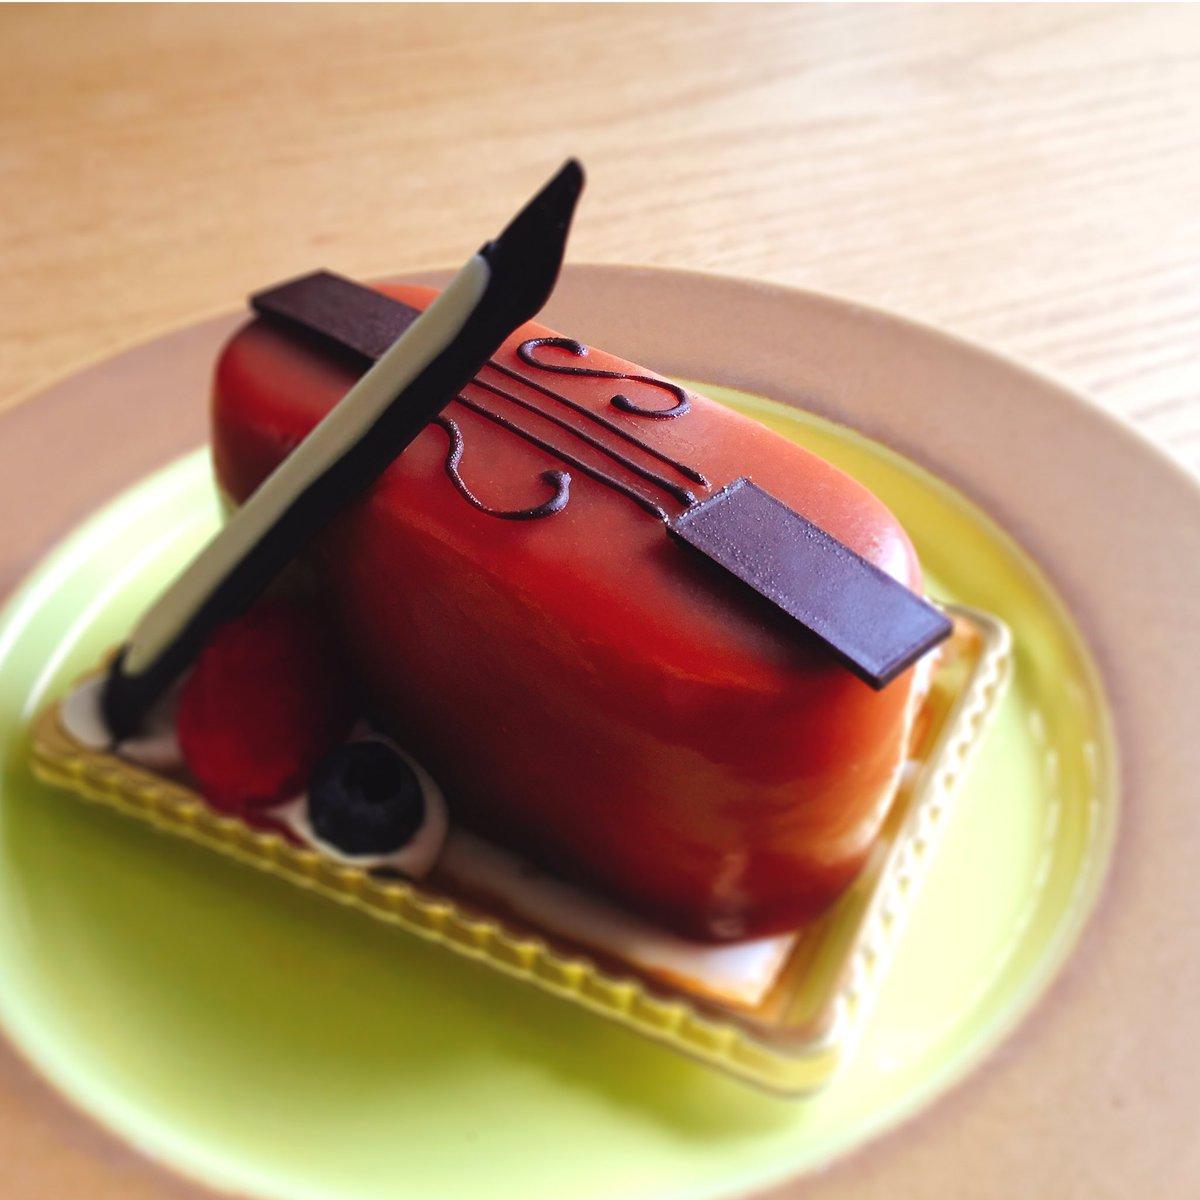 (๑˃̵ᴗ˂̵) 遅くなりました!ユーハイムディーマイスターの「森の音楽会」のご紹介!「出番を待つバイオリン」♪キャラメルムースに洋梨、チョコレートクリームも入っています◎ https://t.co/Xpdq5kHNeq